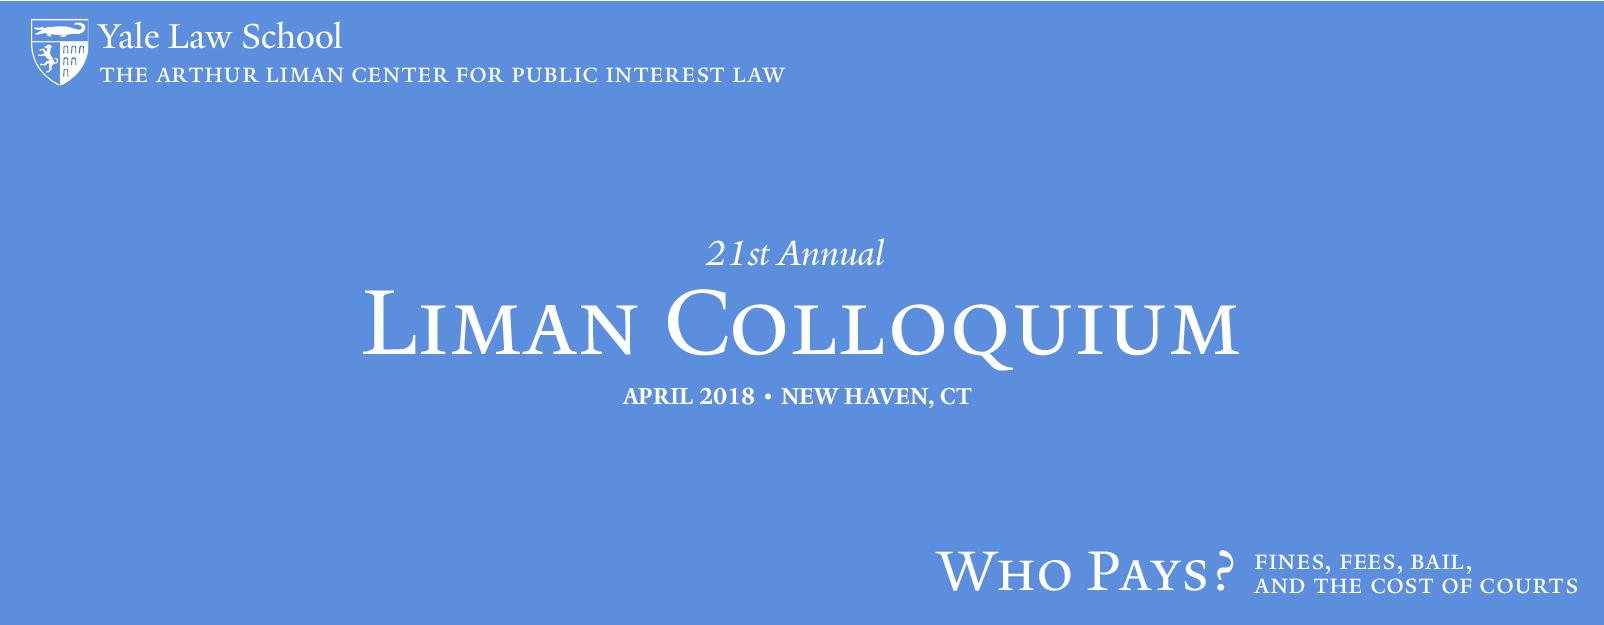 21st Annual Liman Colloquium